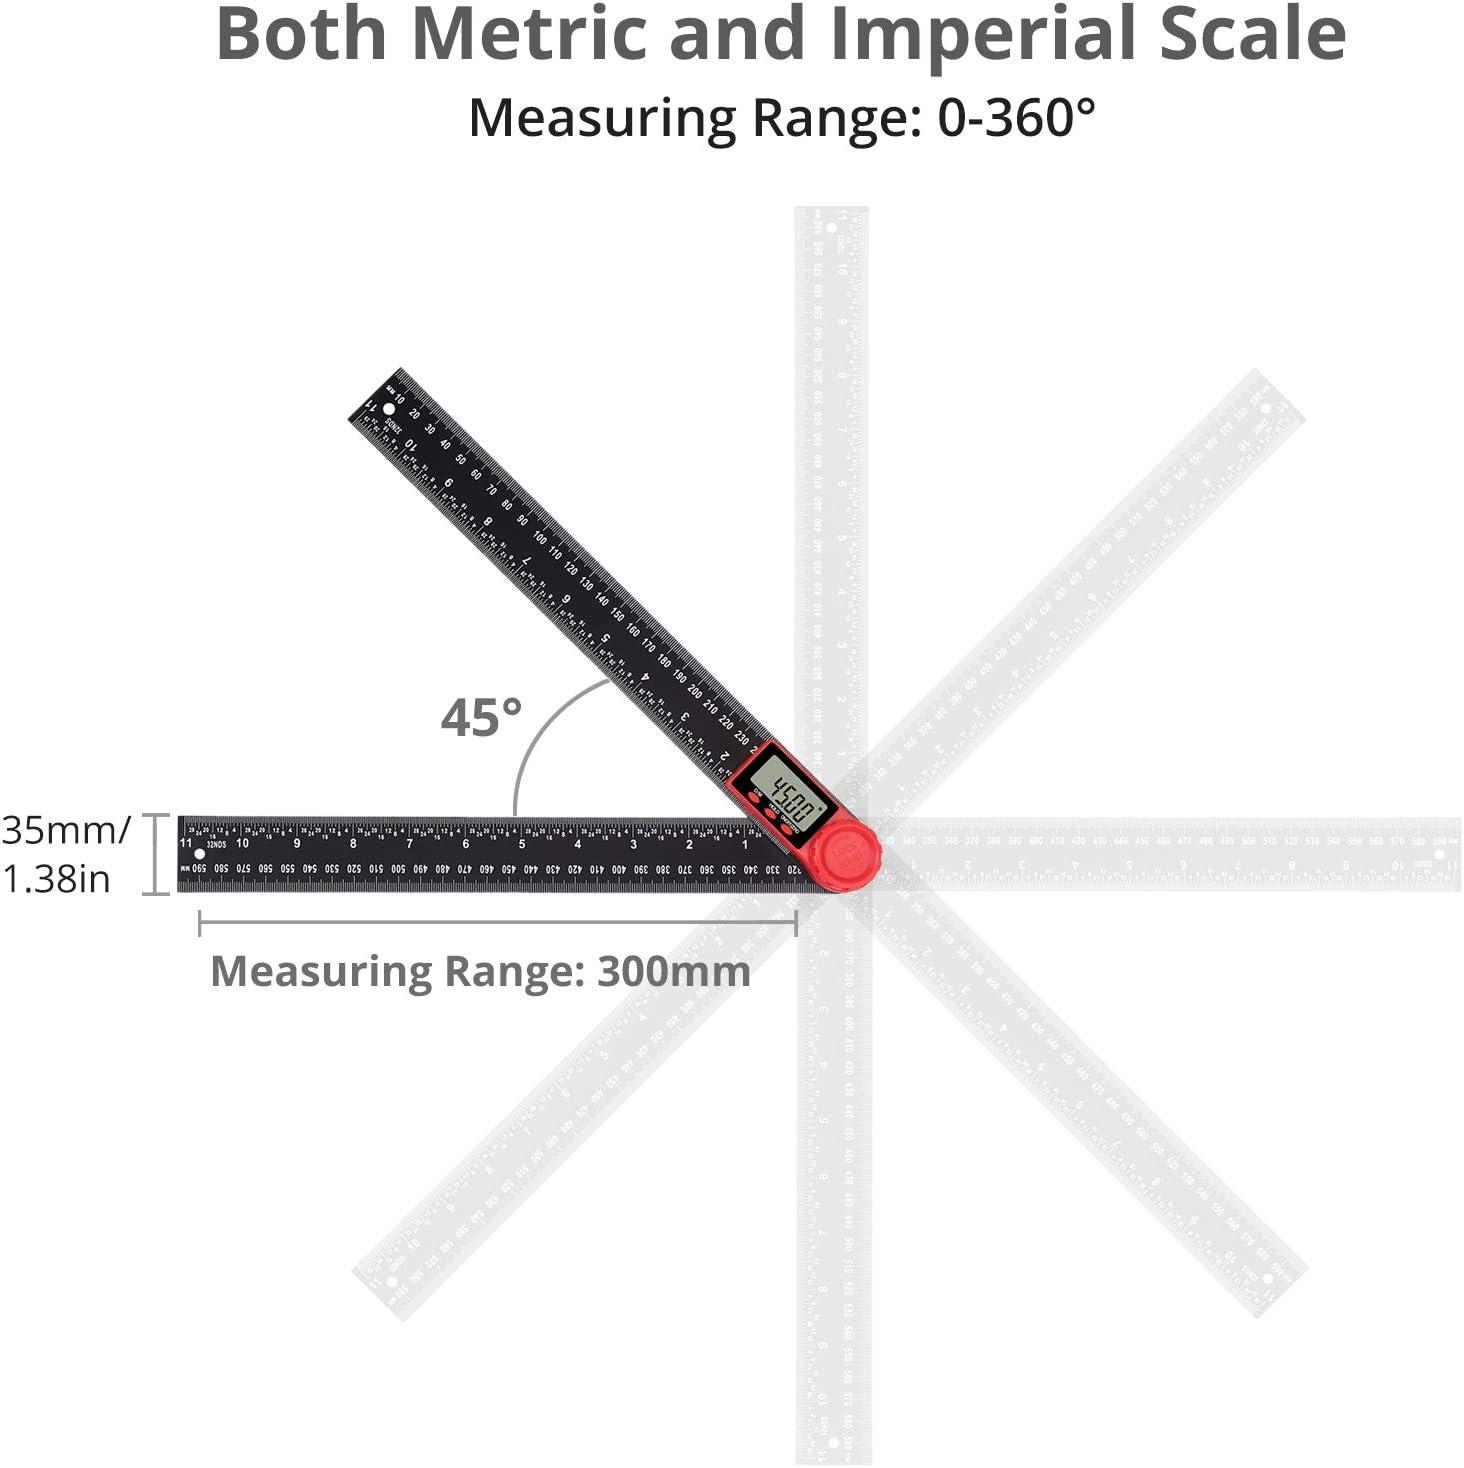 Regla Digital /Ángulo 0-360/° Buscador Pantalla LCD 200 mm Transportador de Angulo Medidor de /Ángulo con Funci/ón Reinicio//Retenci/ón de Datos//Bloqueo de Angulo//Apagado Automatico